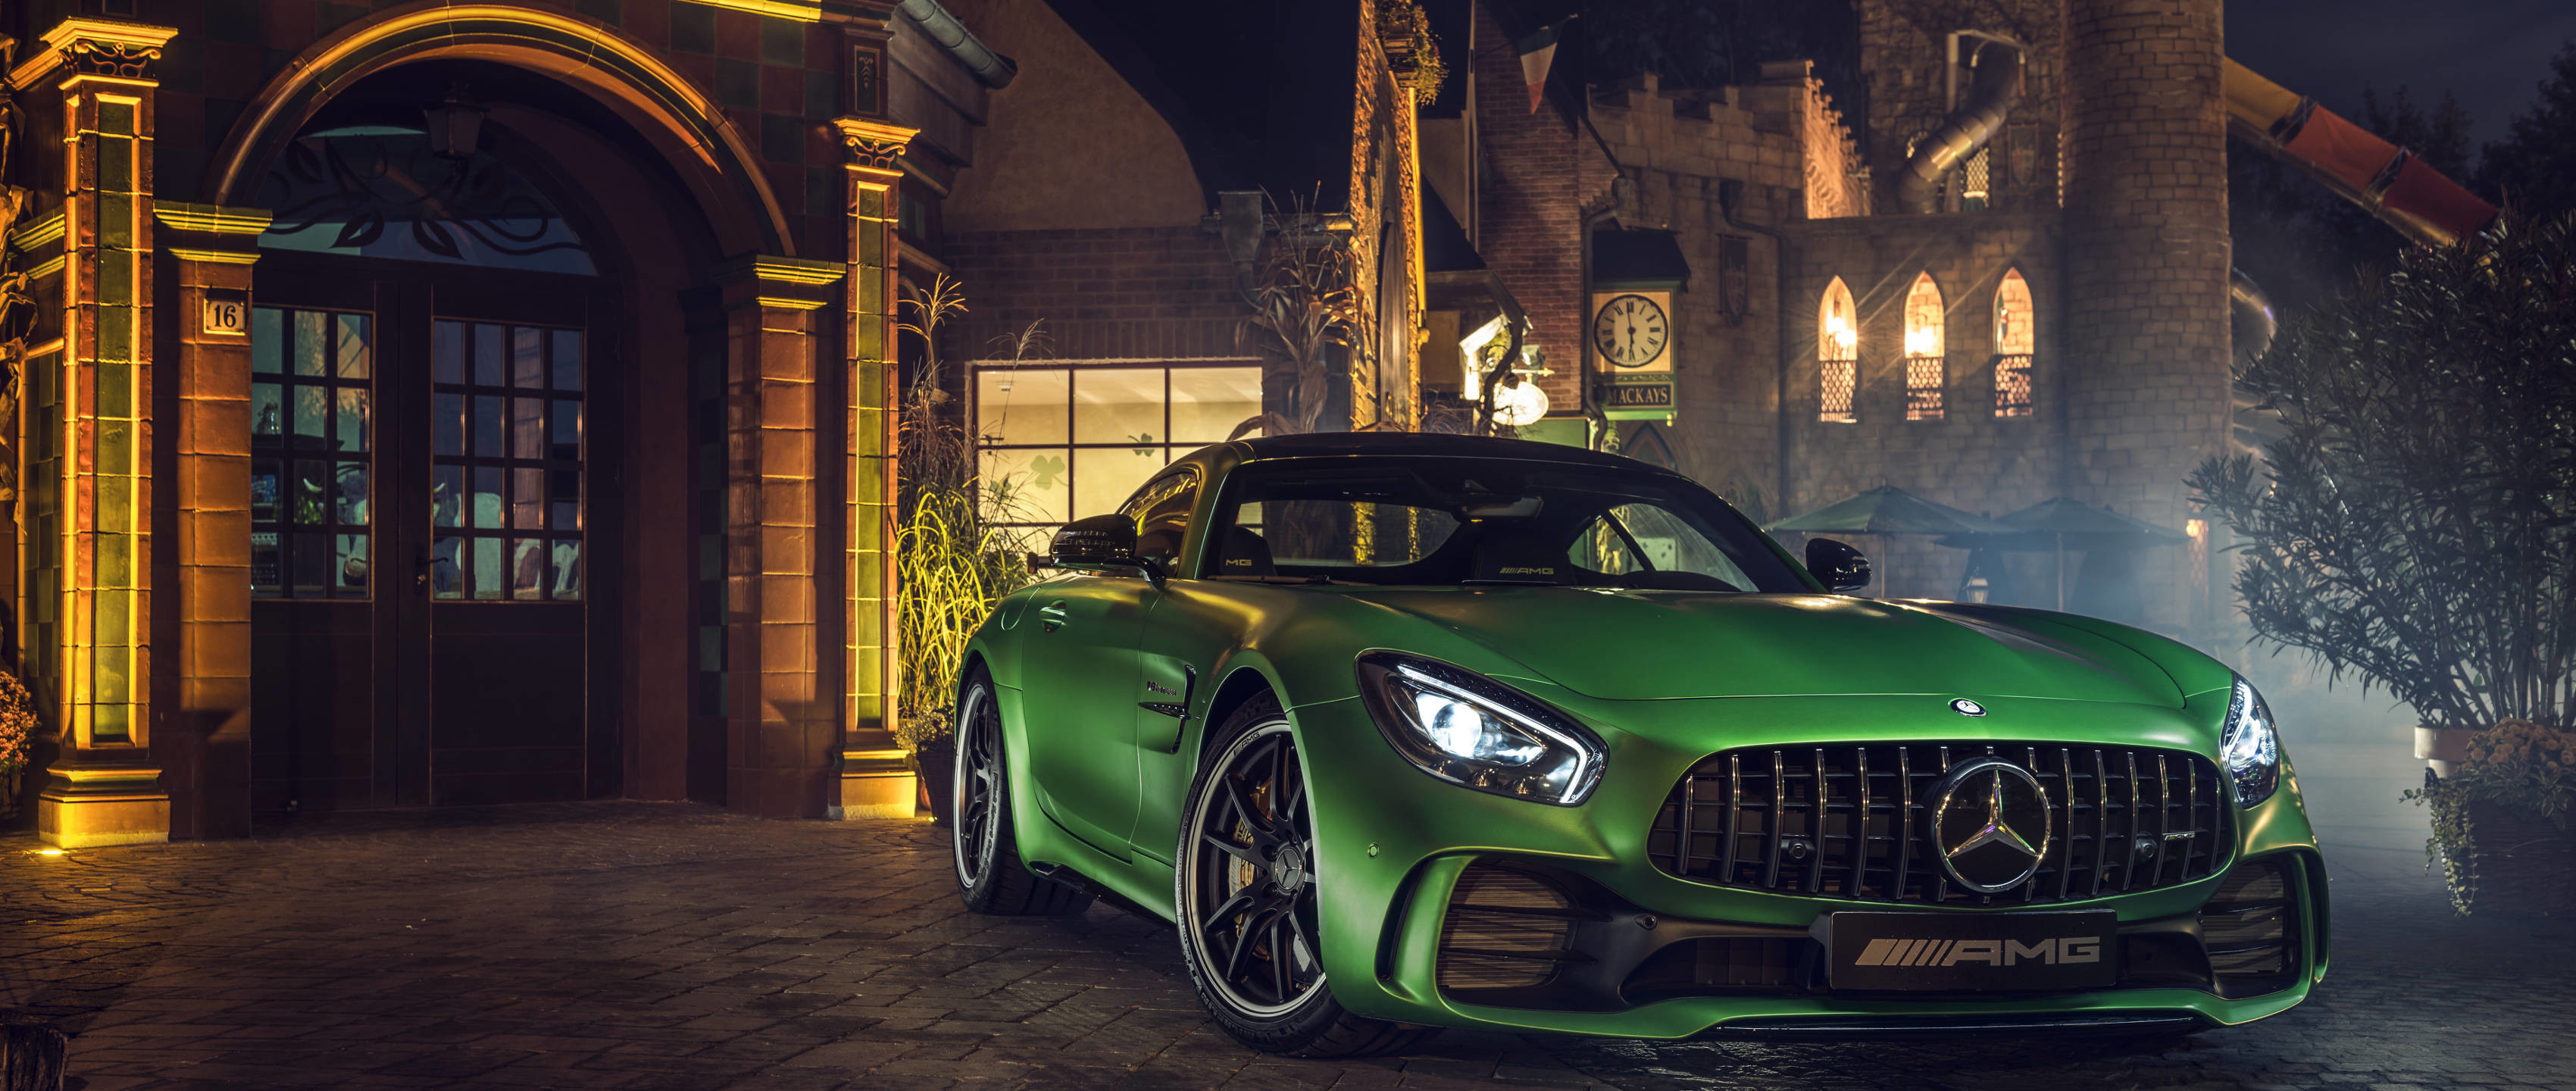 #MBsocialcar: Mercedes-AMG GT R.